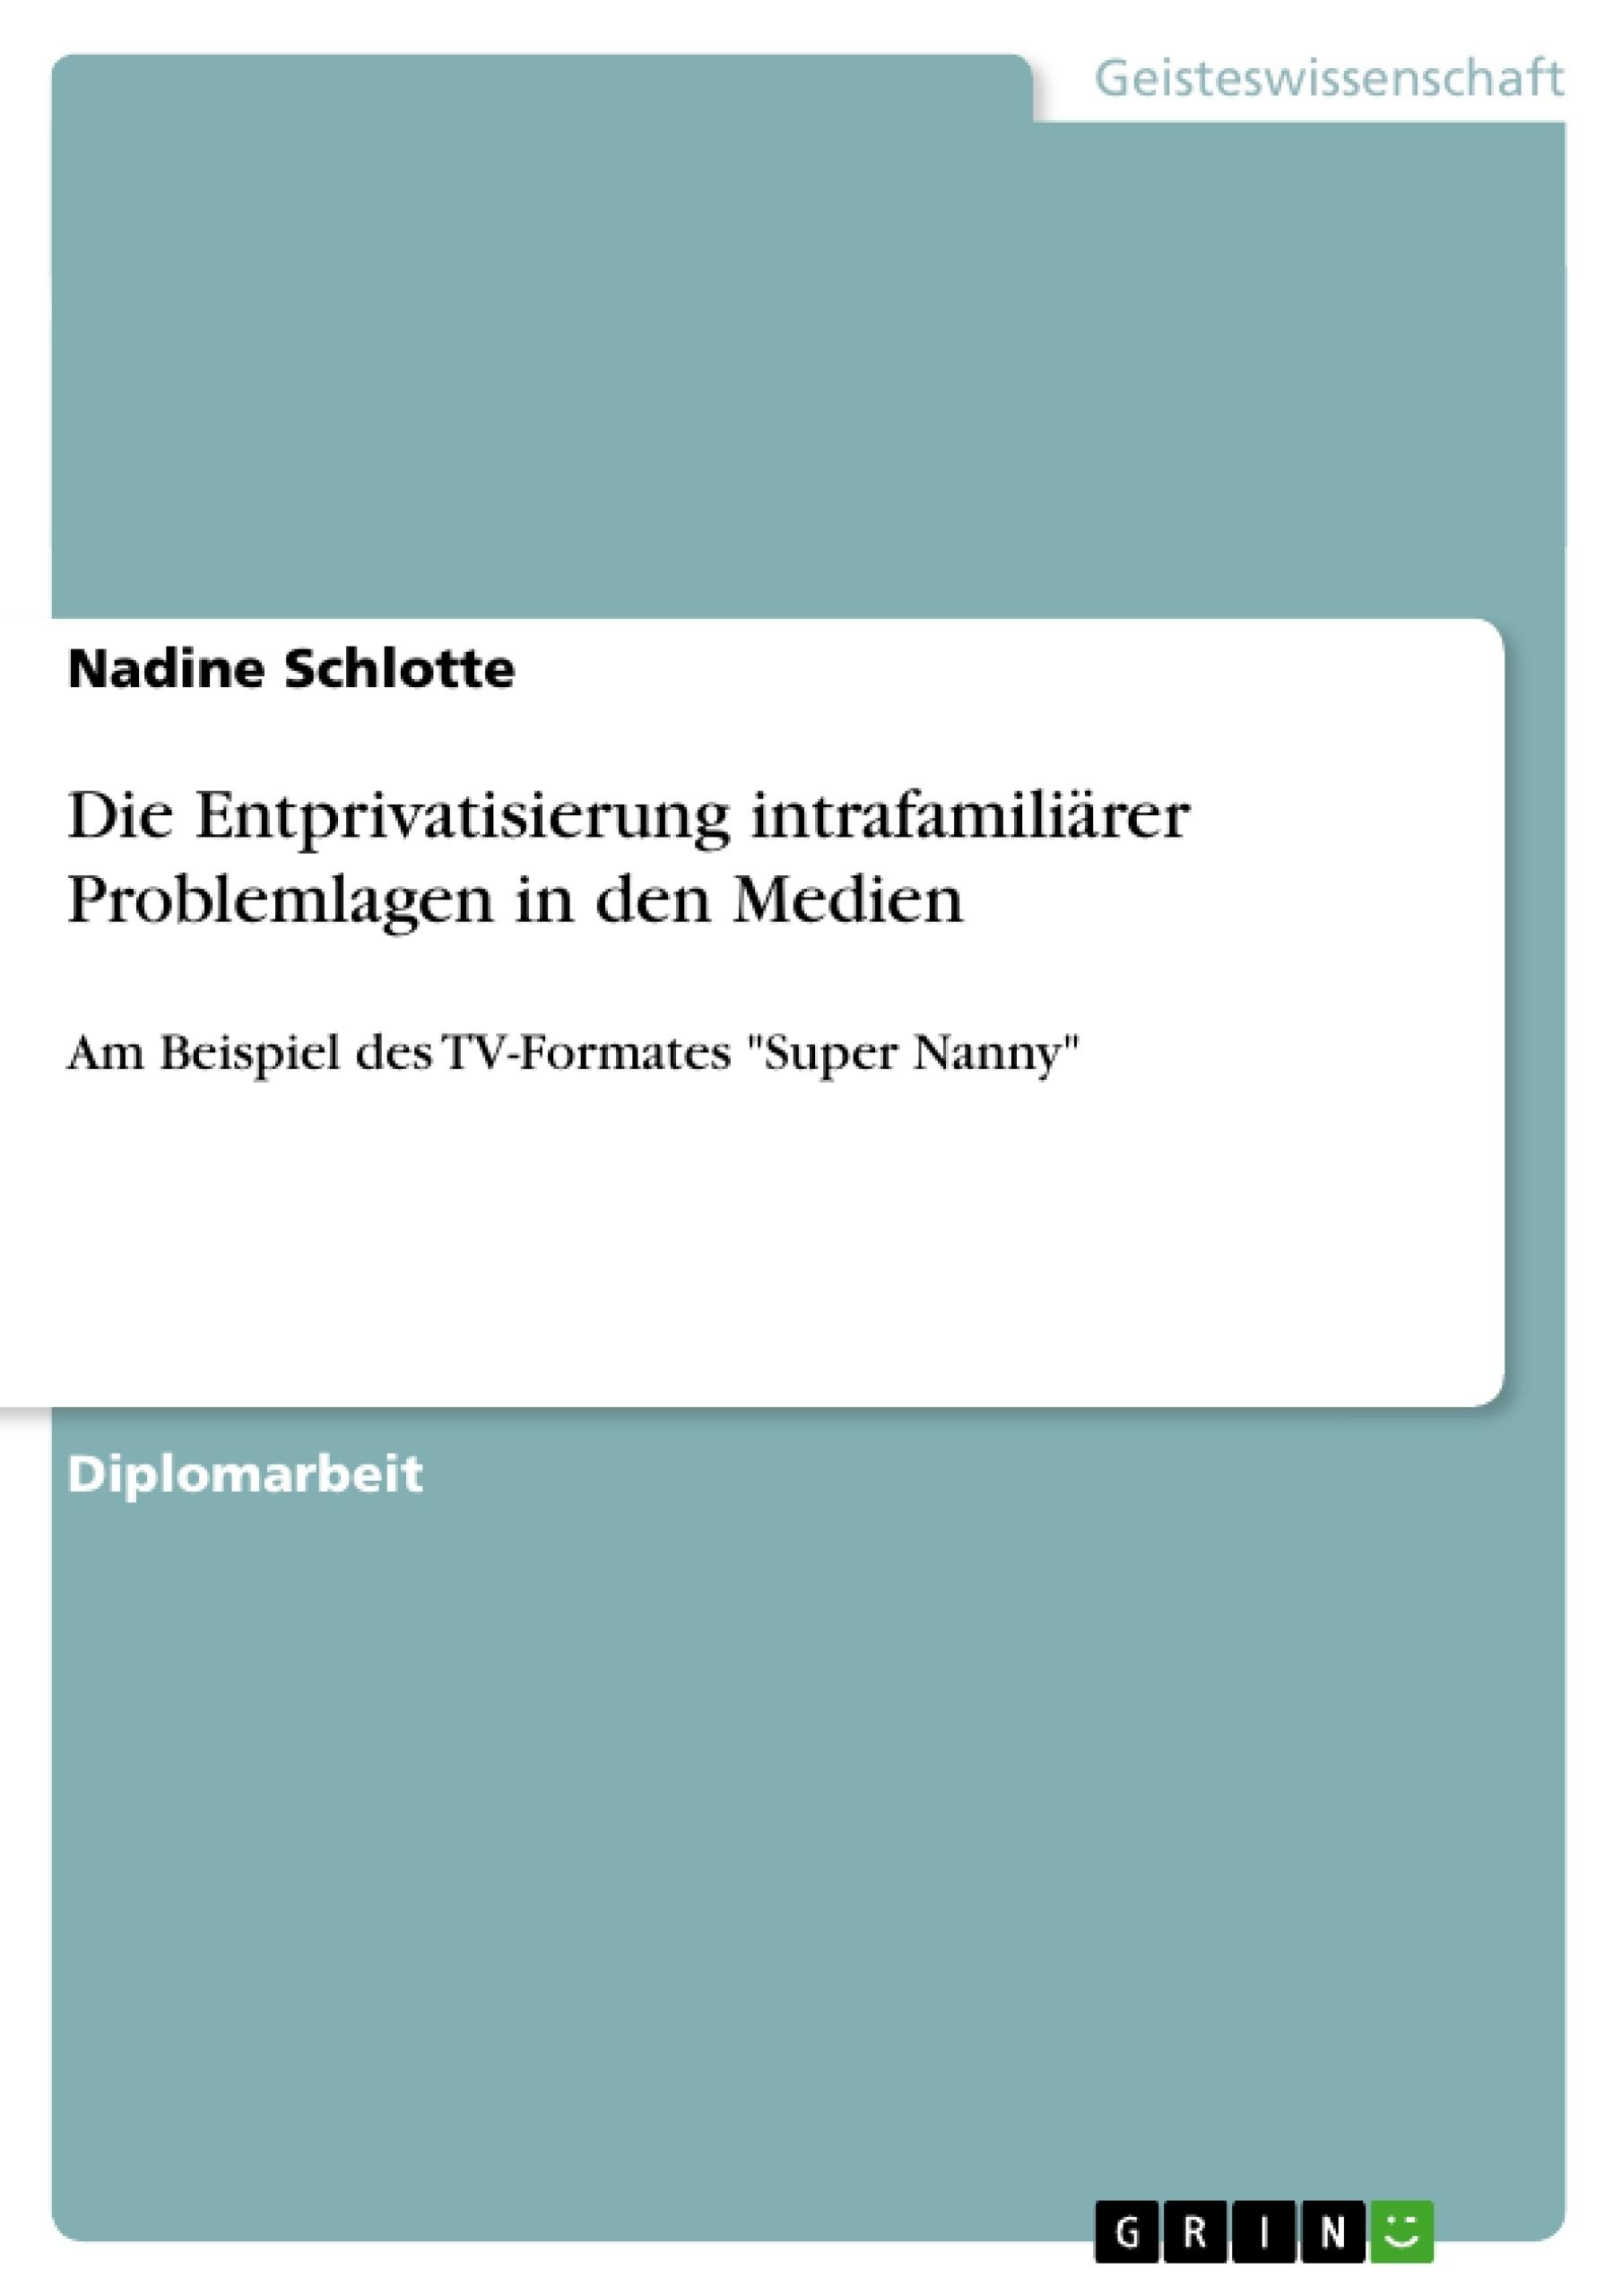 Titel: Die Entprivatisierung intrafamiliärer Problemlagen in den Medien